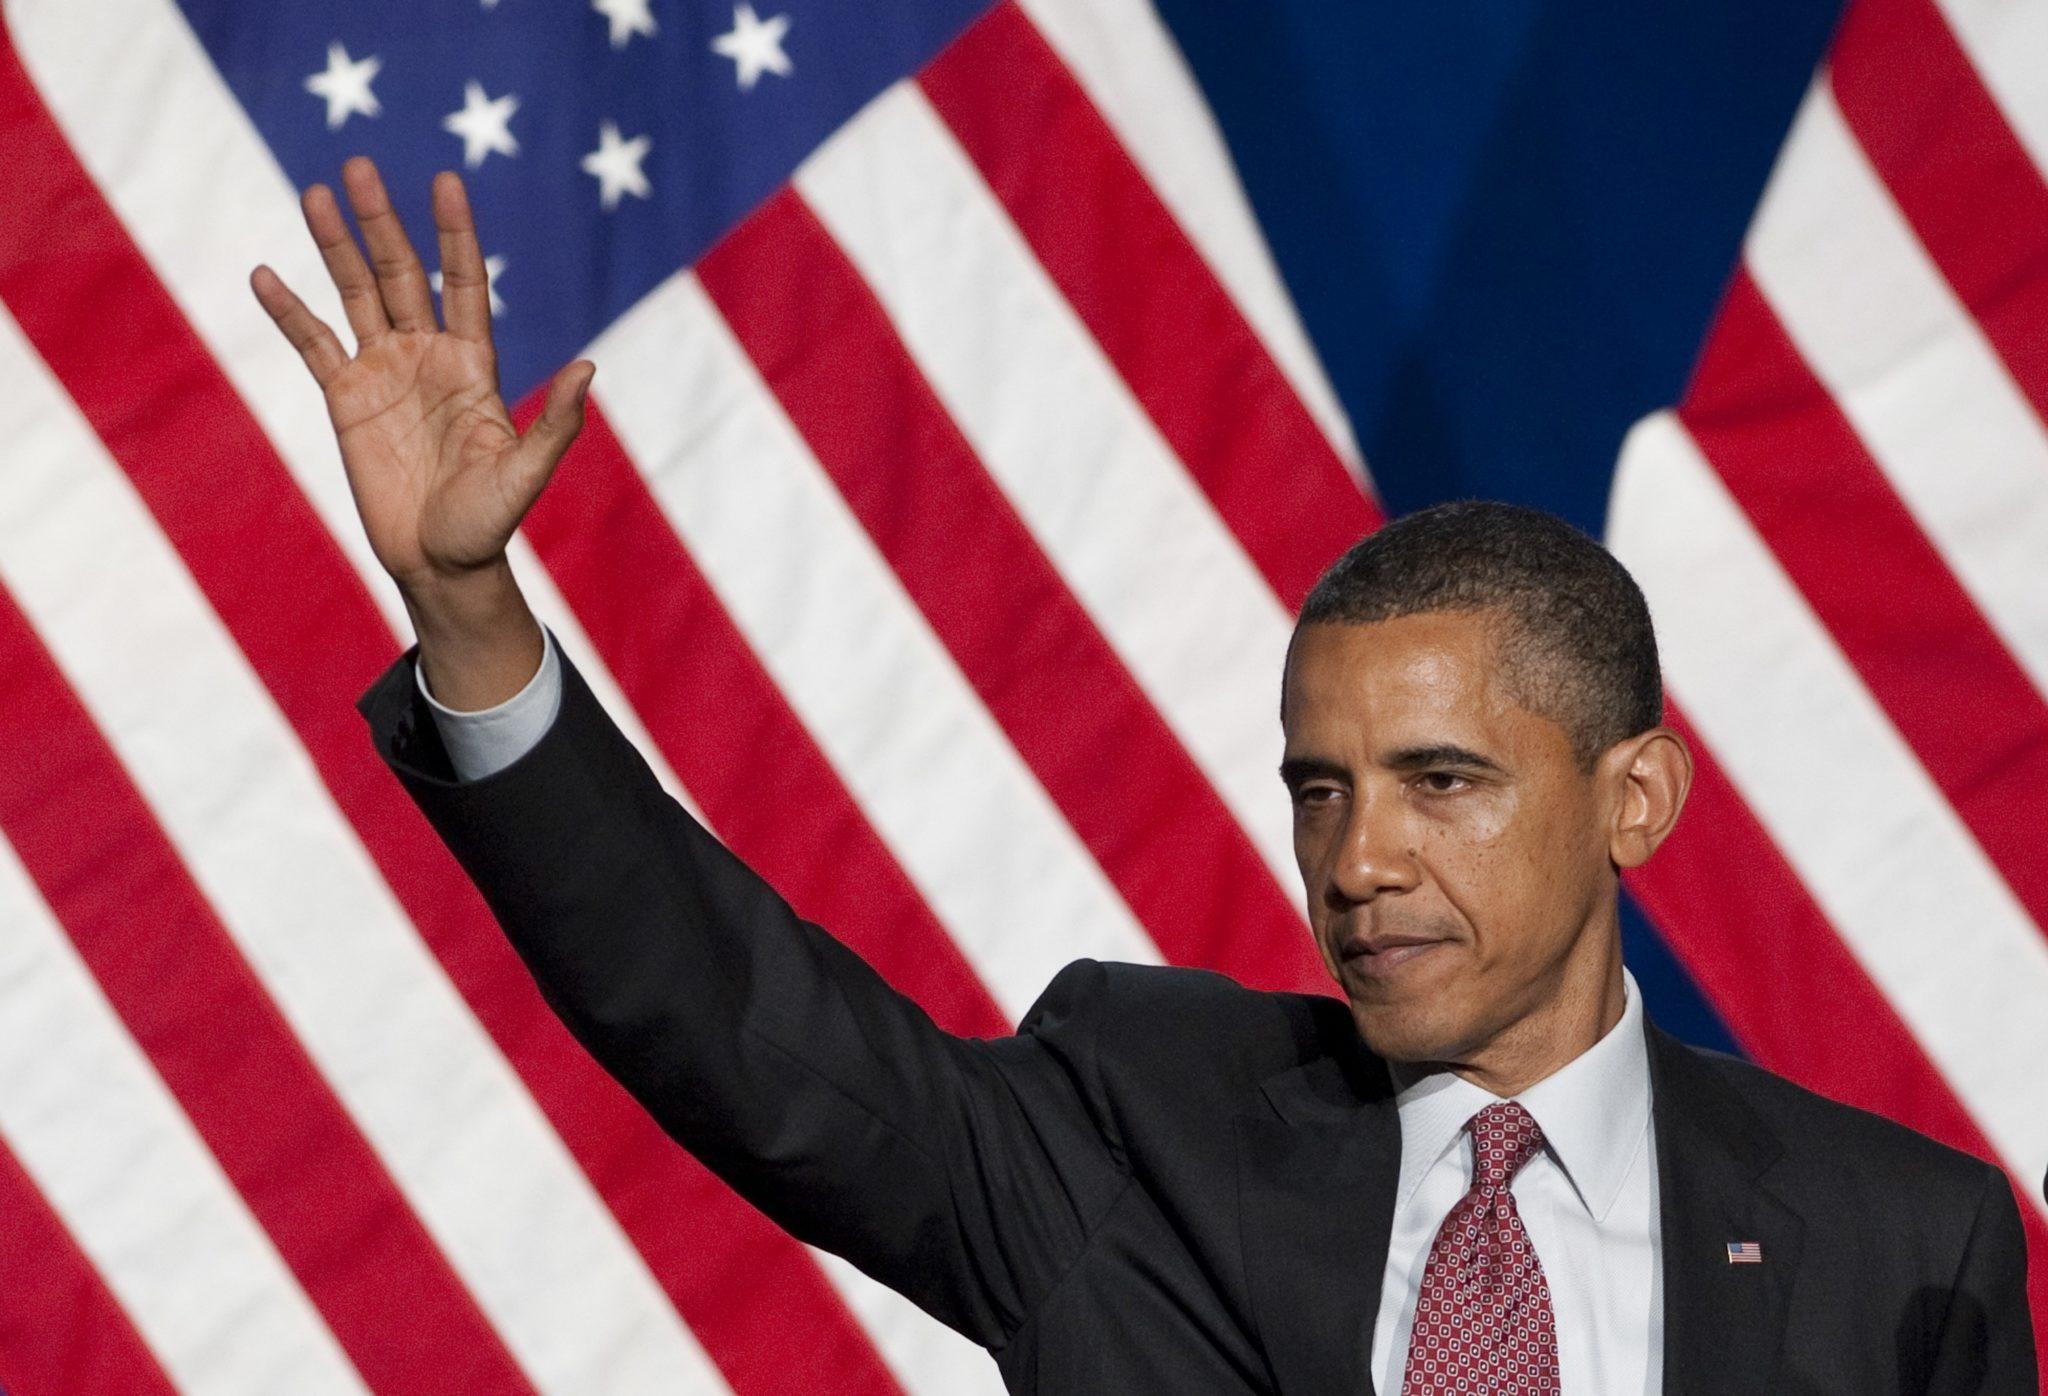 Le président américain Barack Obama salue après avoir pris la parole lors du gala du leadership des lesbiennes gays bisexuels transgenres du Comité national démocrate à New York, le 23 juin 2011